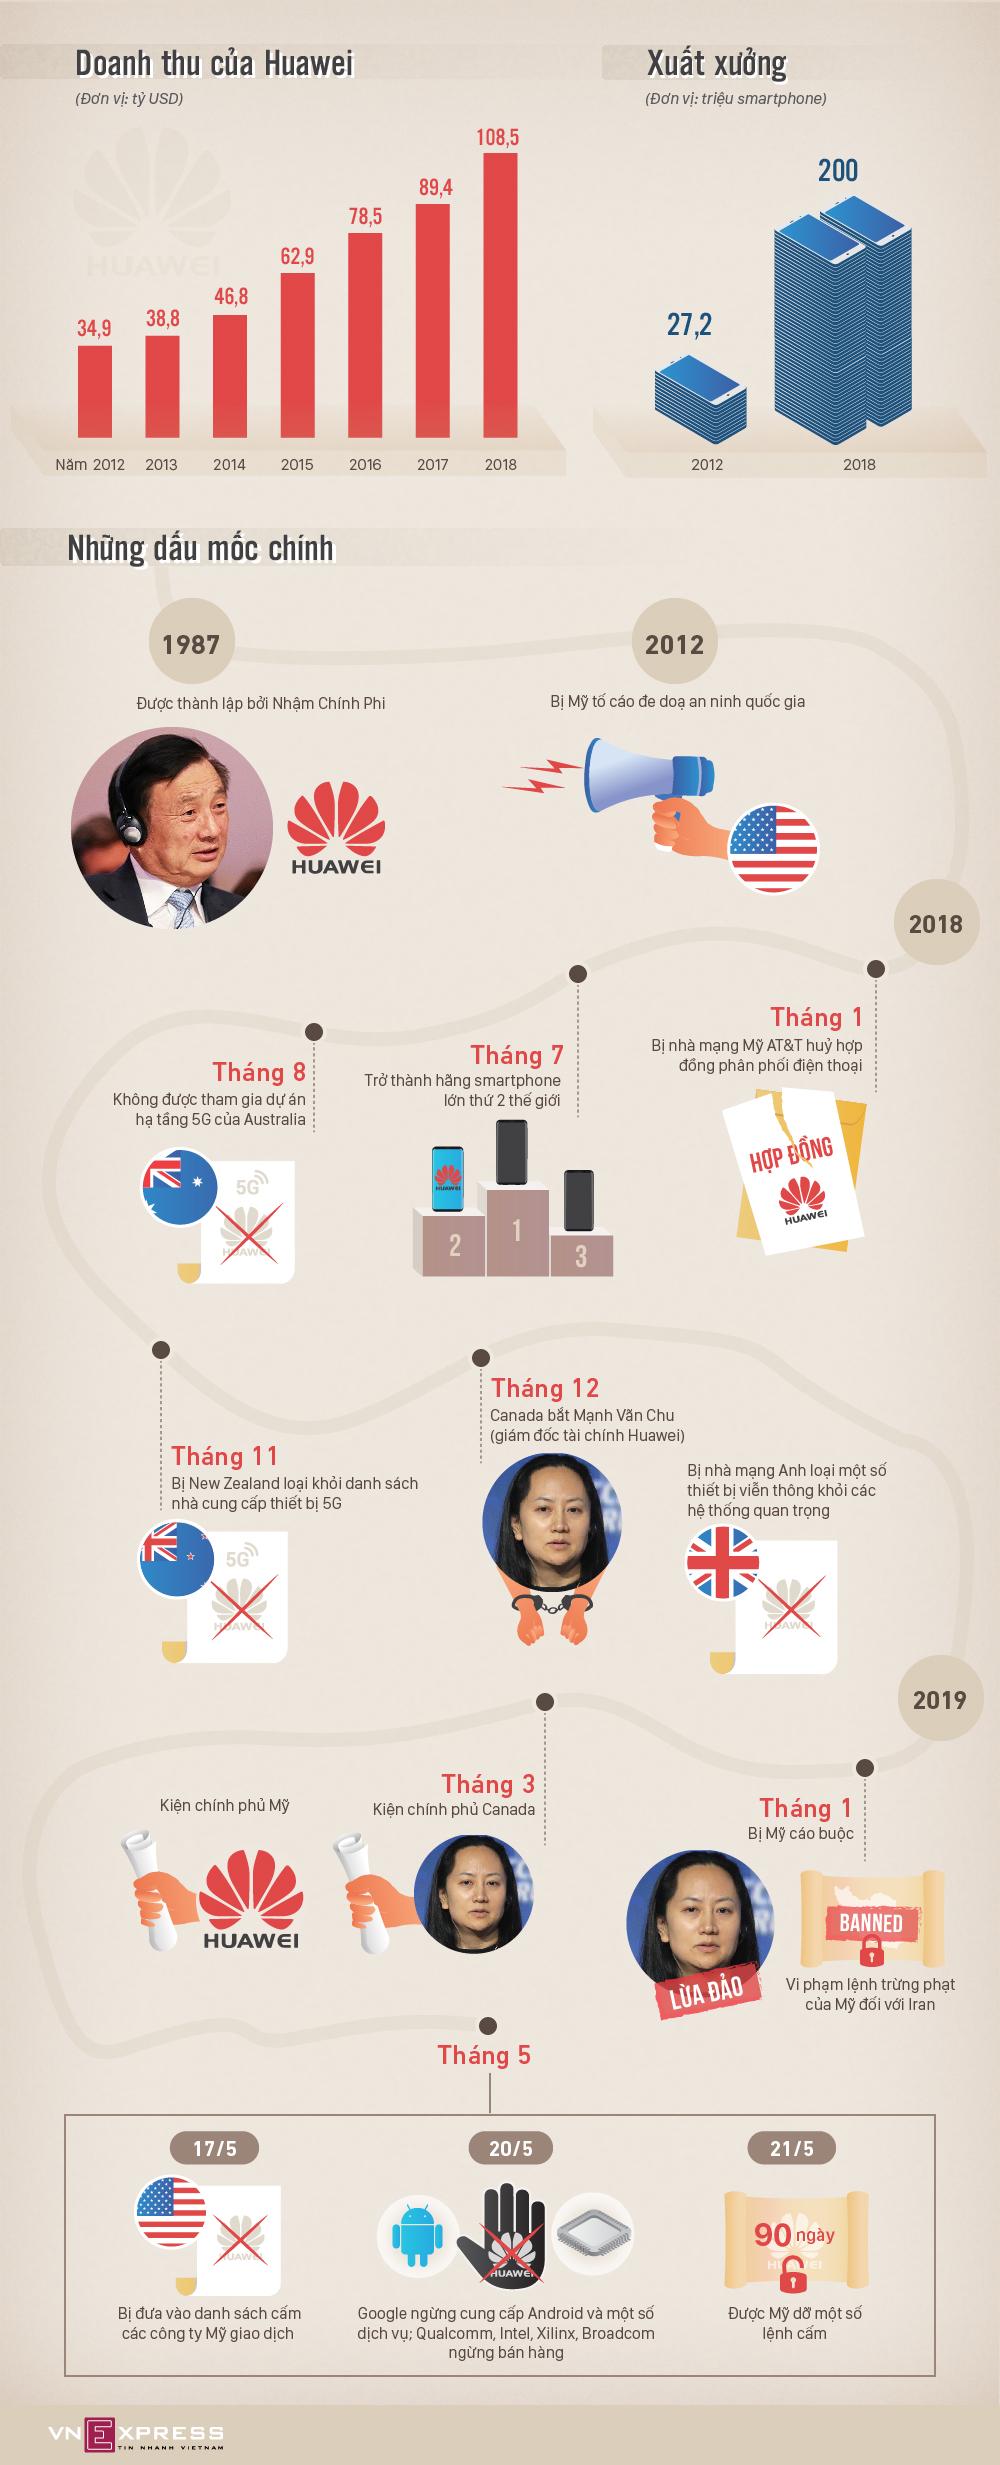 Toàn cảnh khủng hoảng Huawei trong cuộc chiến Mỹ - Trung